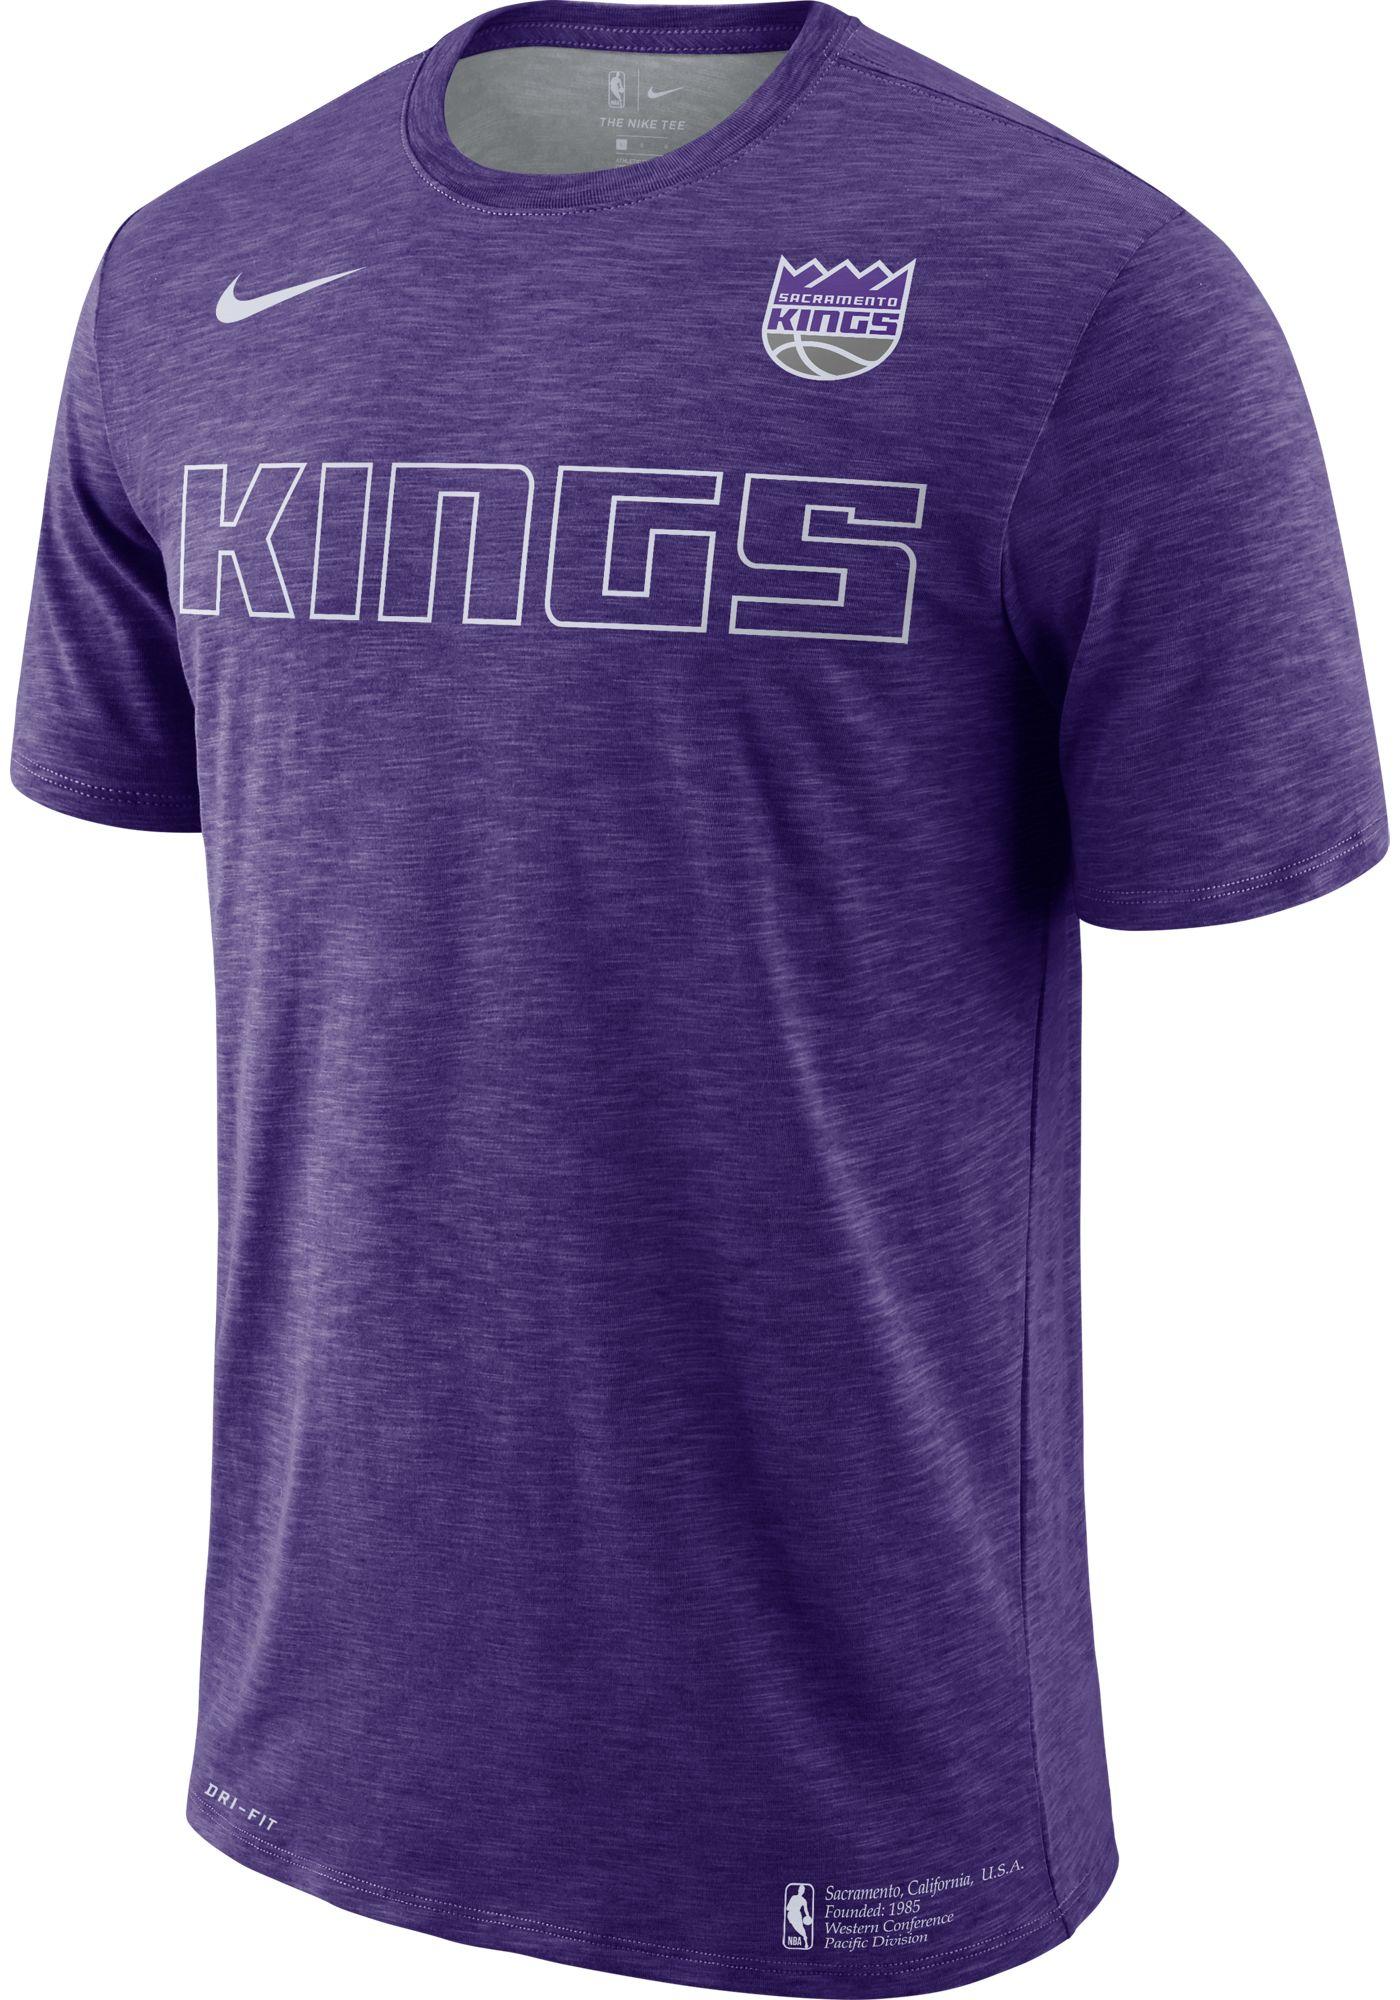 Nike Men's Sacramento Kings Dri-FIT Facility T-Shirt